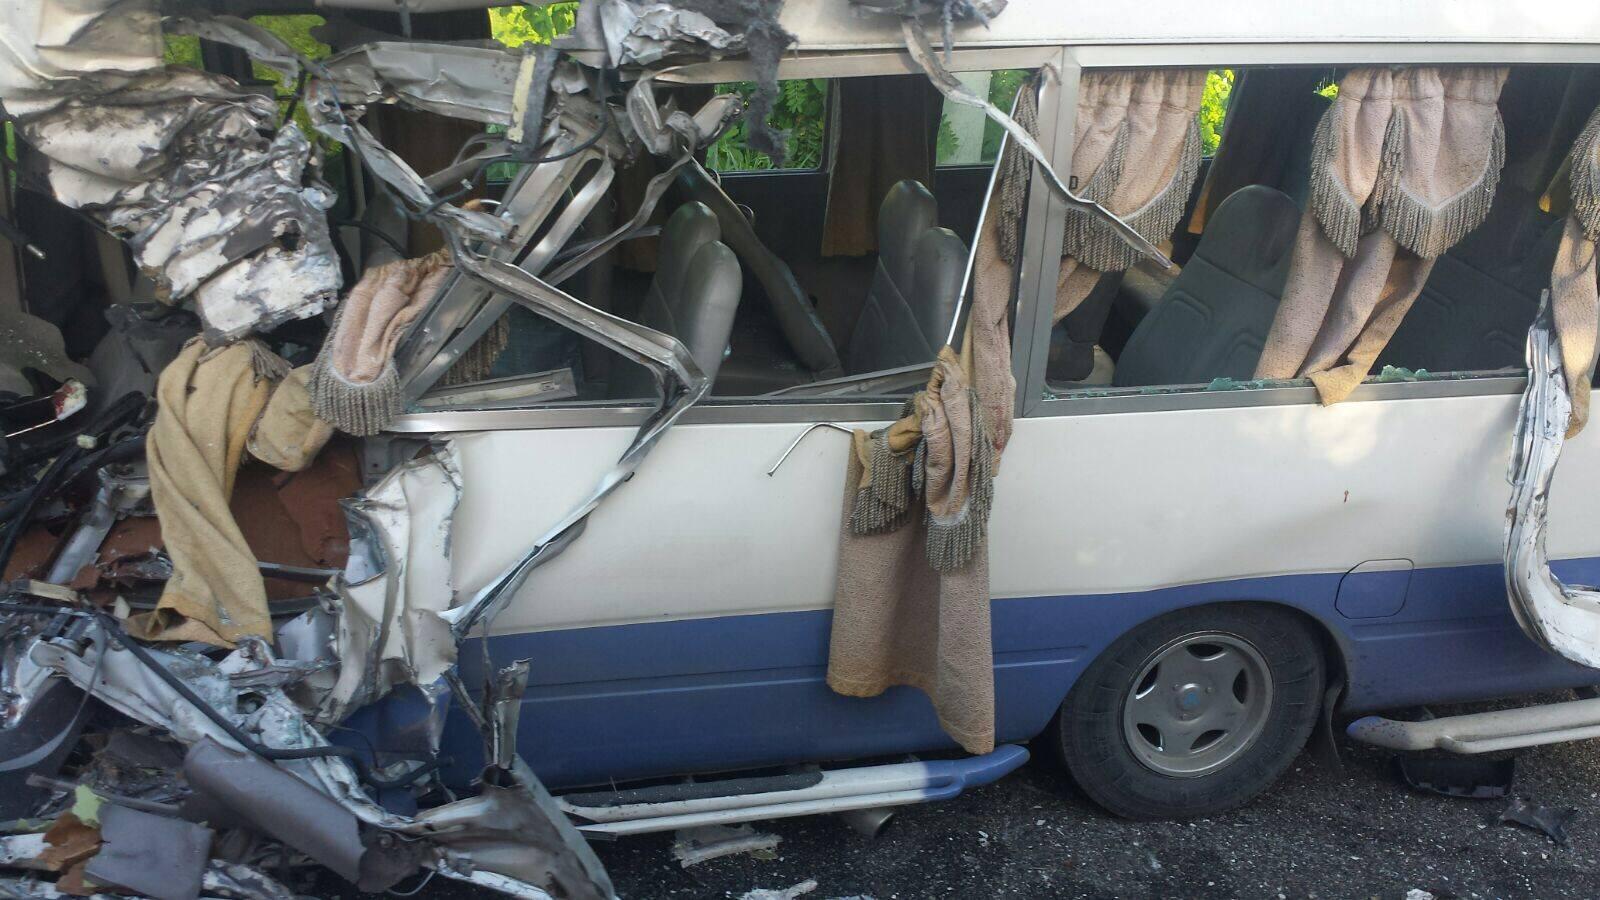 Imágenes: Al menos 20 heridos en aparatoso accidente de autobuses en La Altagracia.